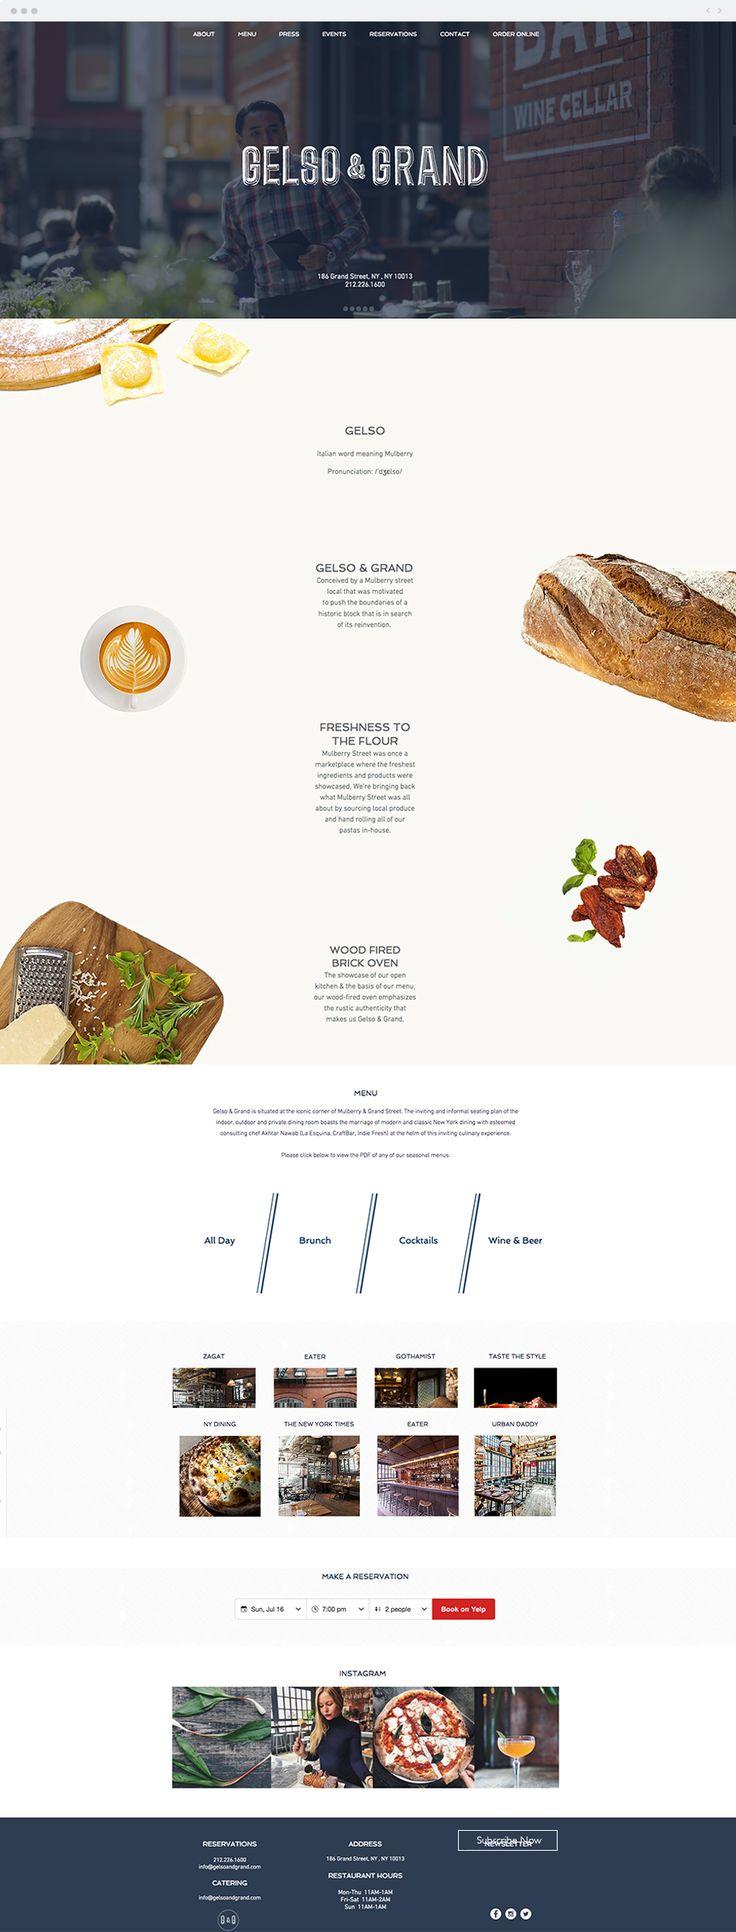 30 best food website design images on pinterest design websites gelso and grand italian restaurant website forumfinder Choice Image